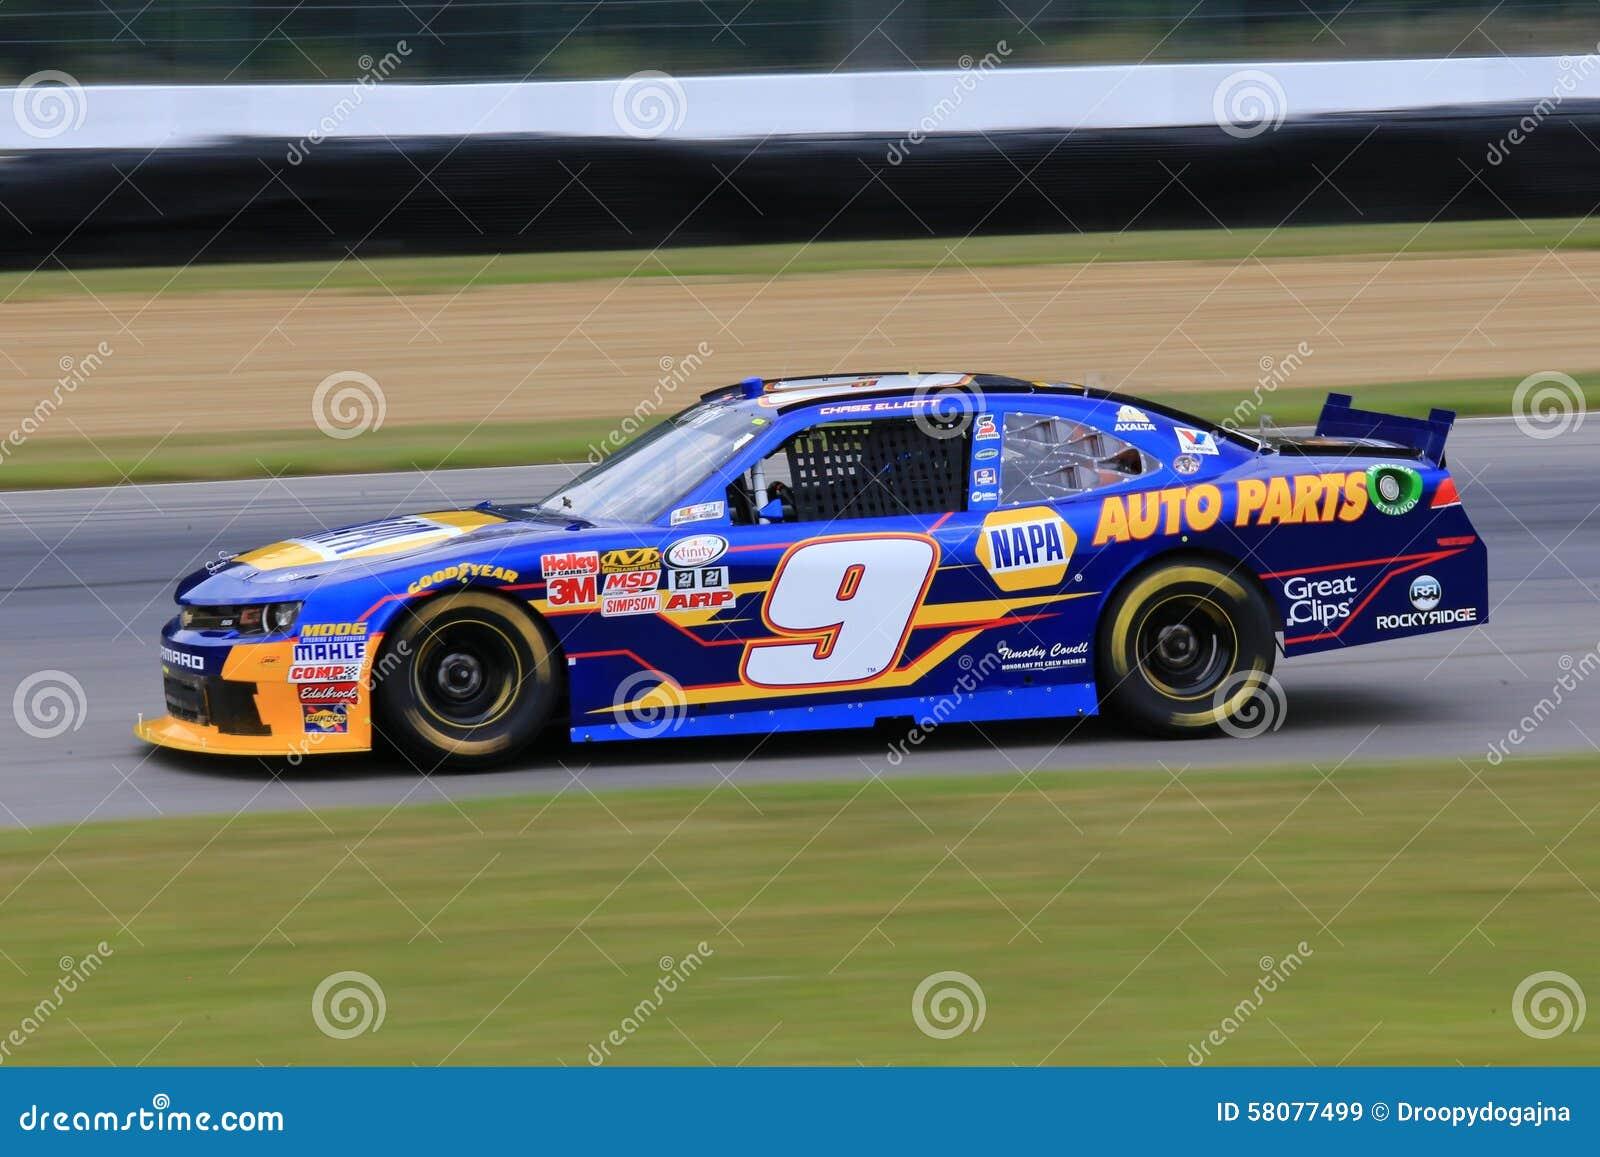 Who Drives The Napa Race Car